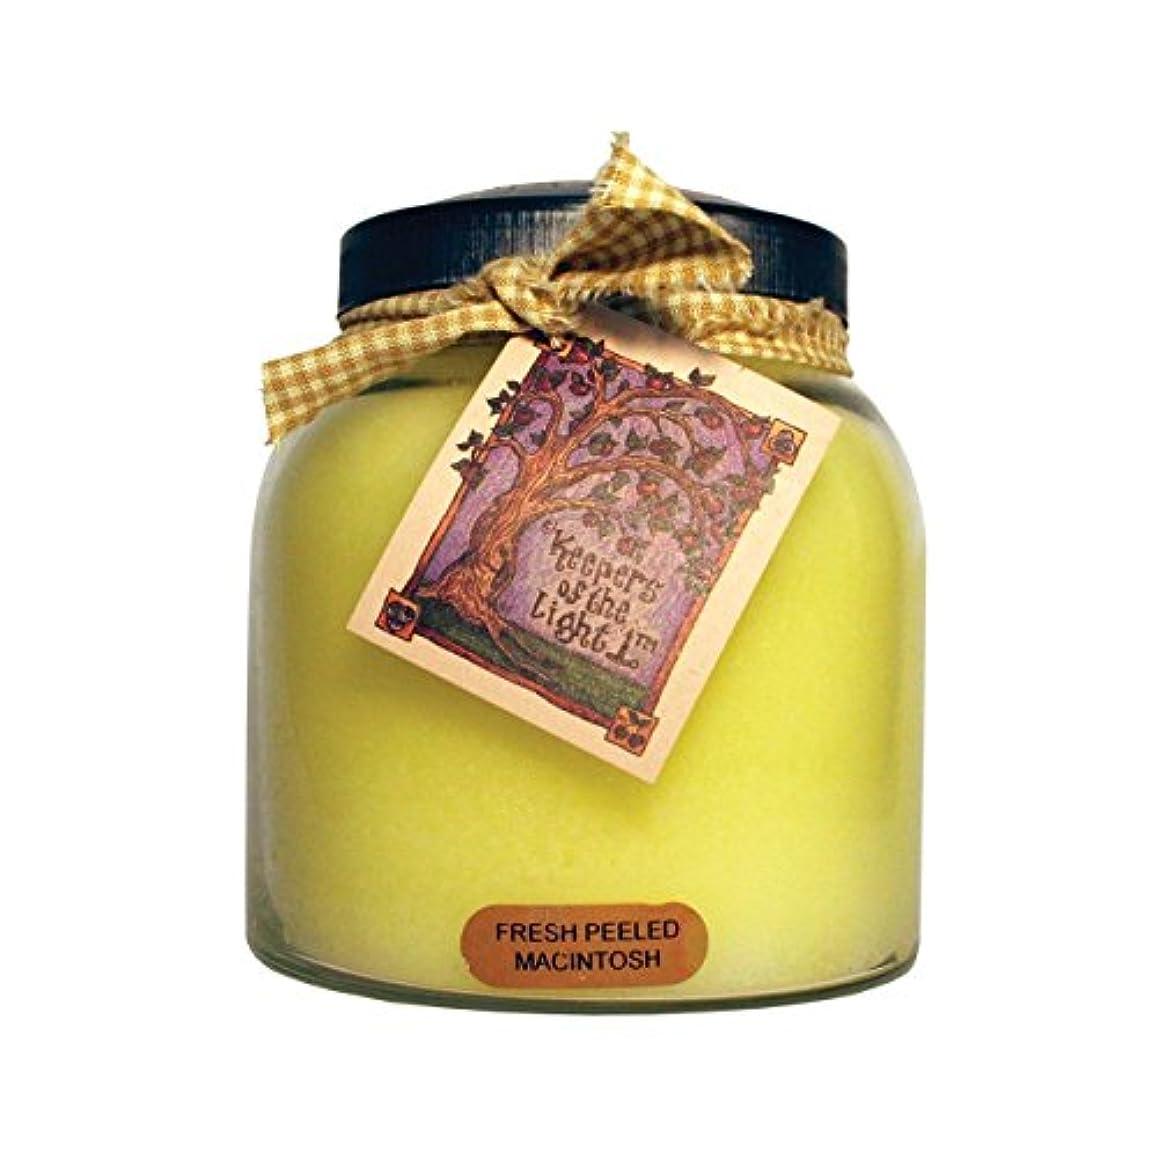 くそー主婦ロードブロッキングA Cheerful Giver Fresh Peeled Macintosh Papa Jar Candle, 34-Ounce [並行輸入品]